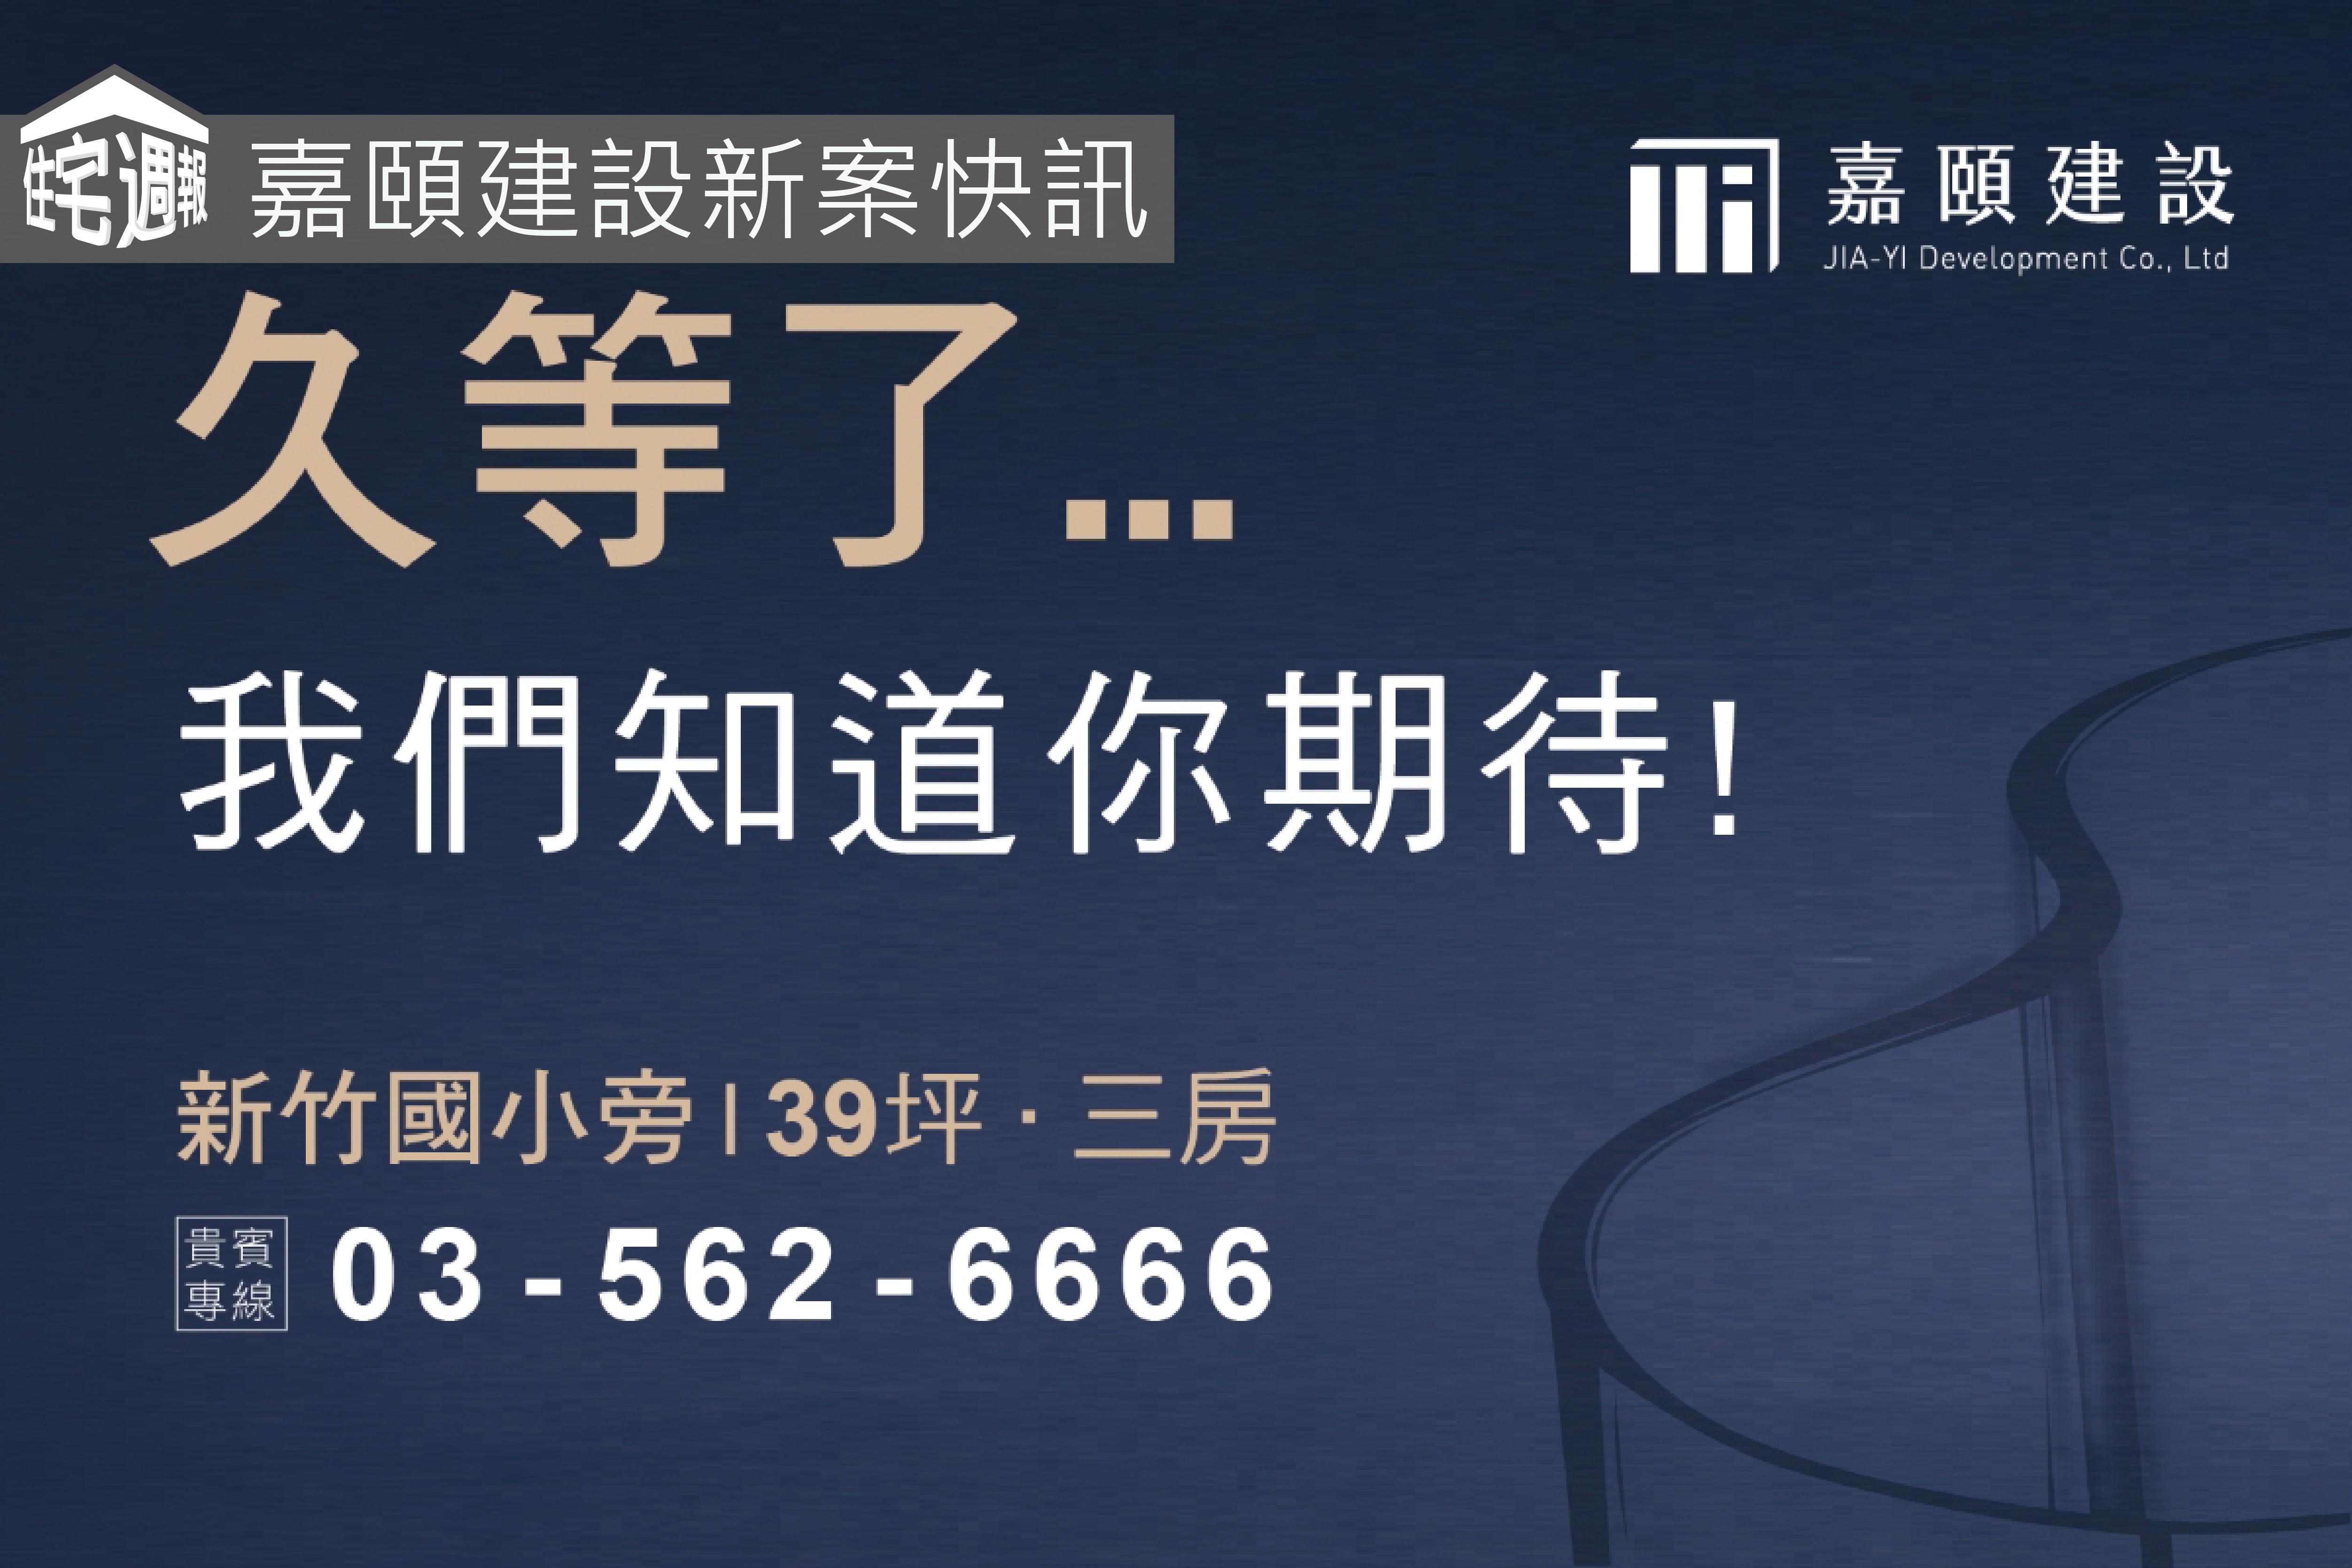 [新竹國小]嘉頤建設新案快訊20180315-1.png